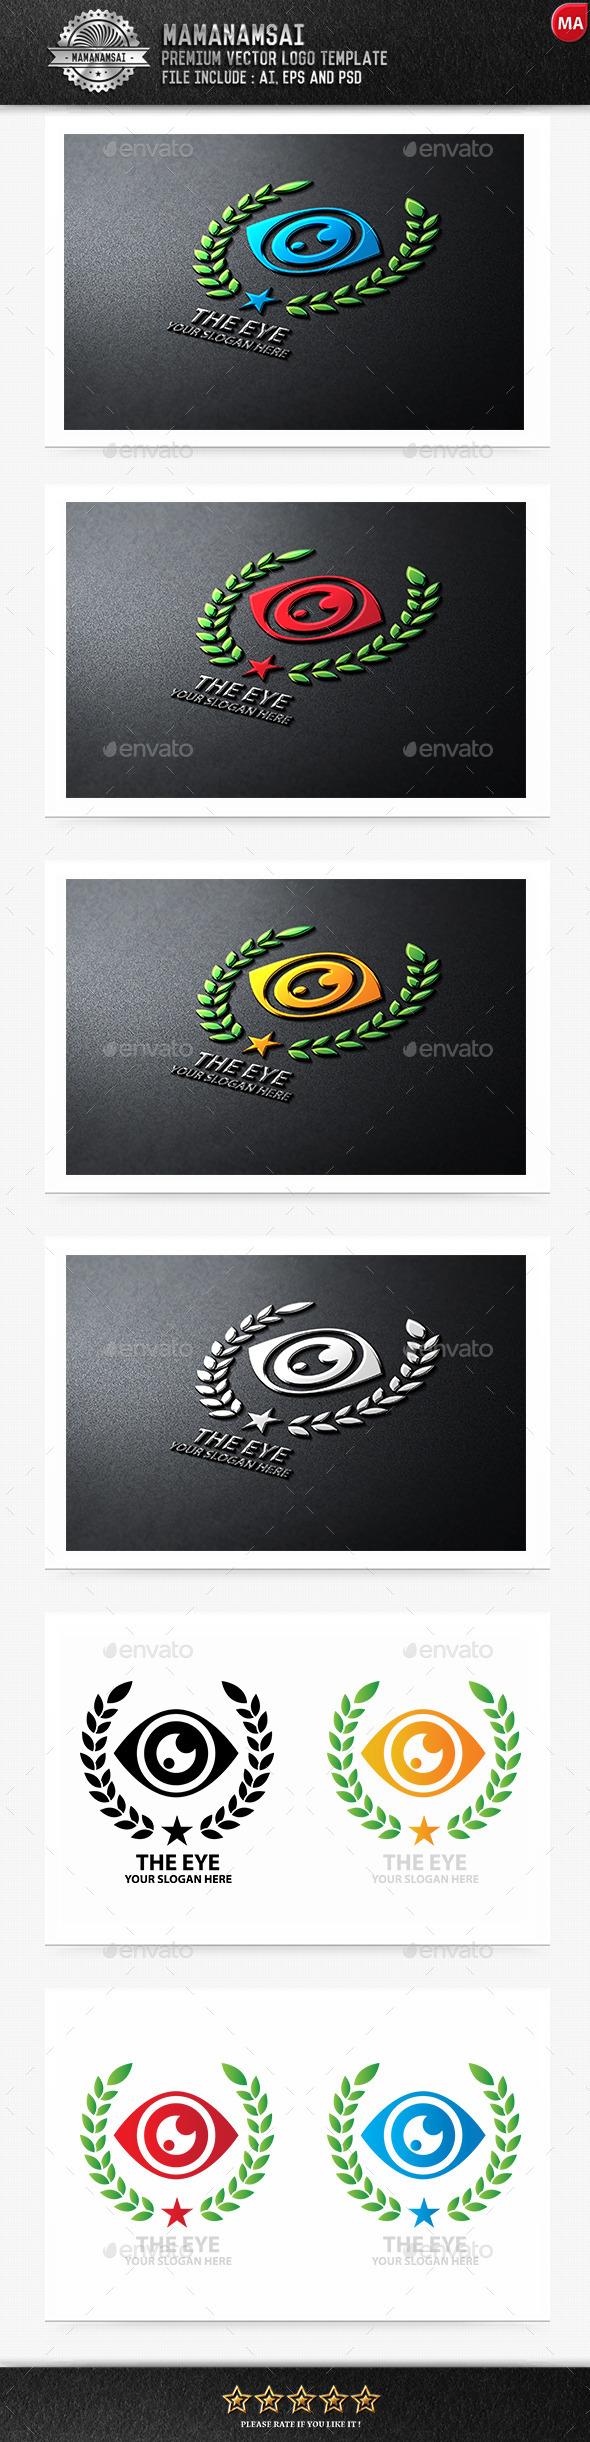 The Eye Logo - Logo Templates